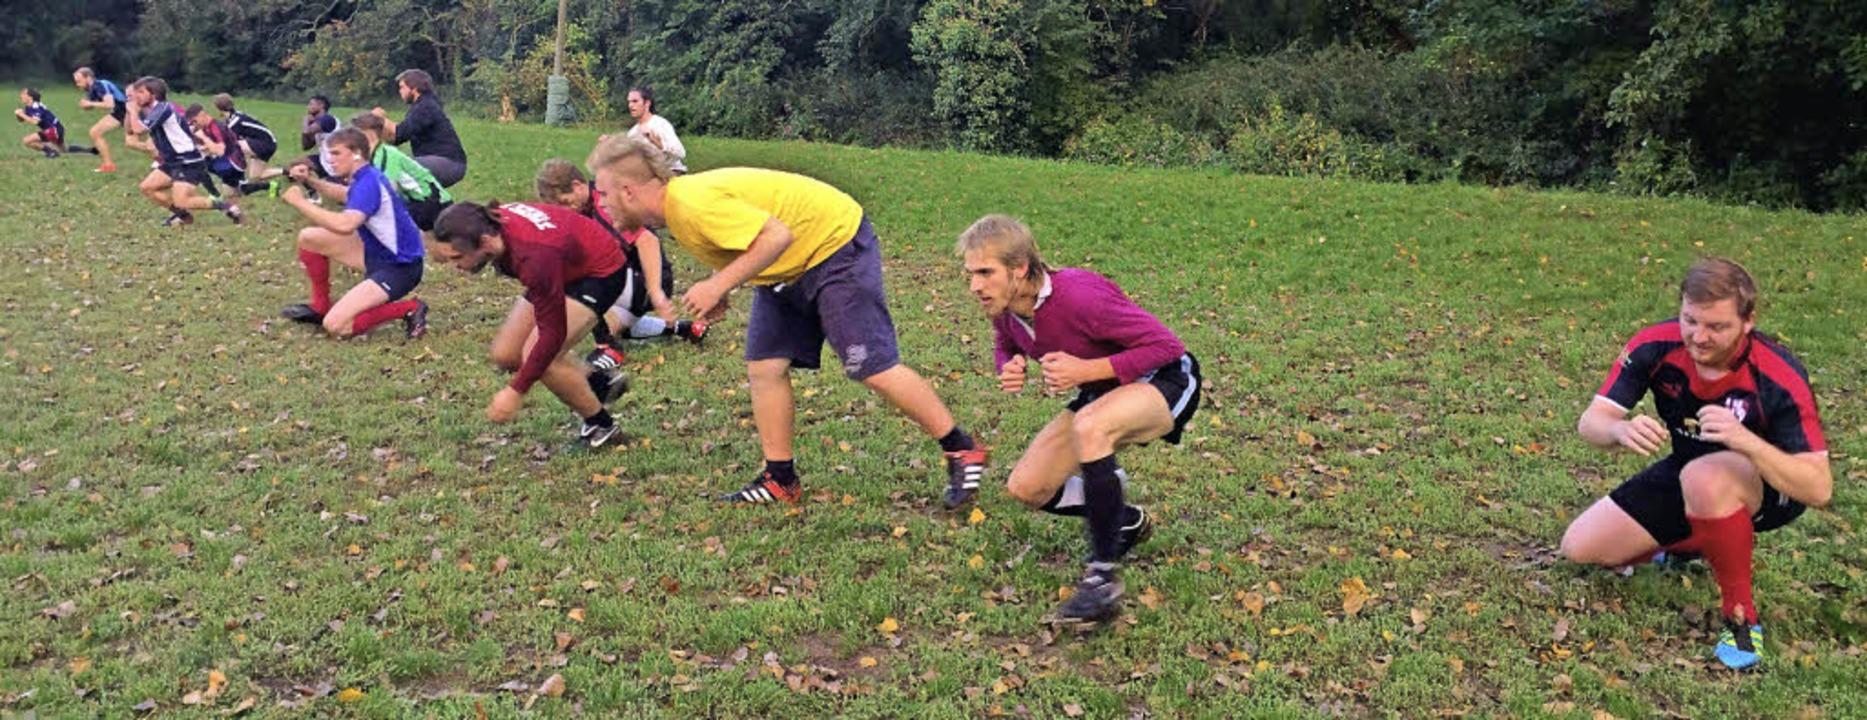 rugby freiburg